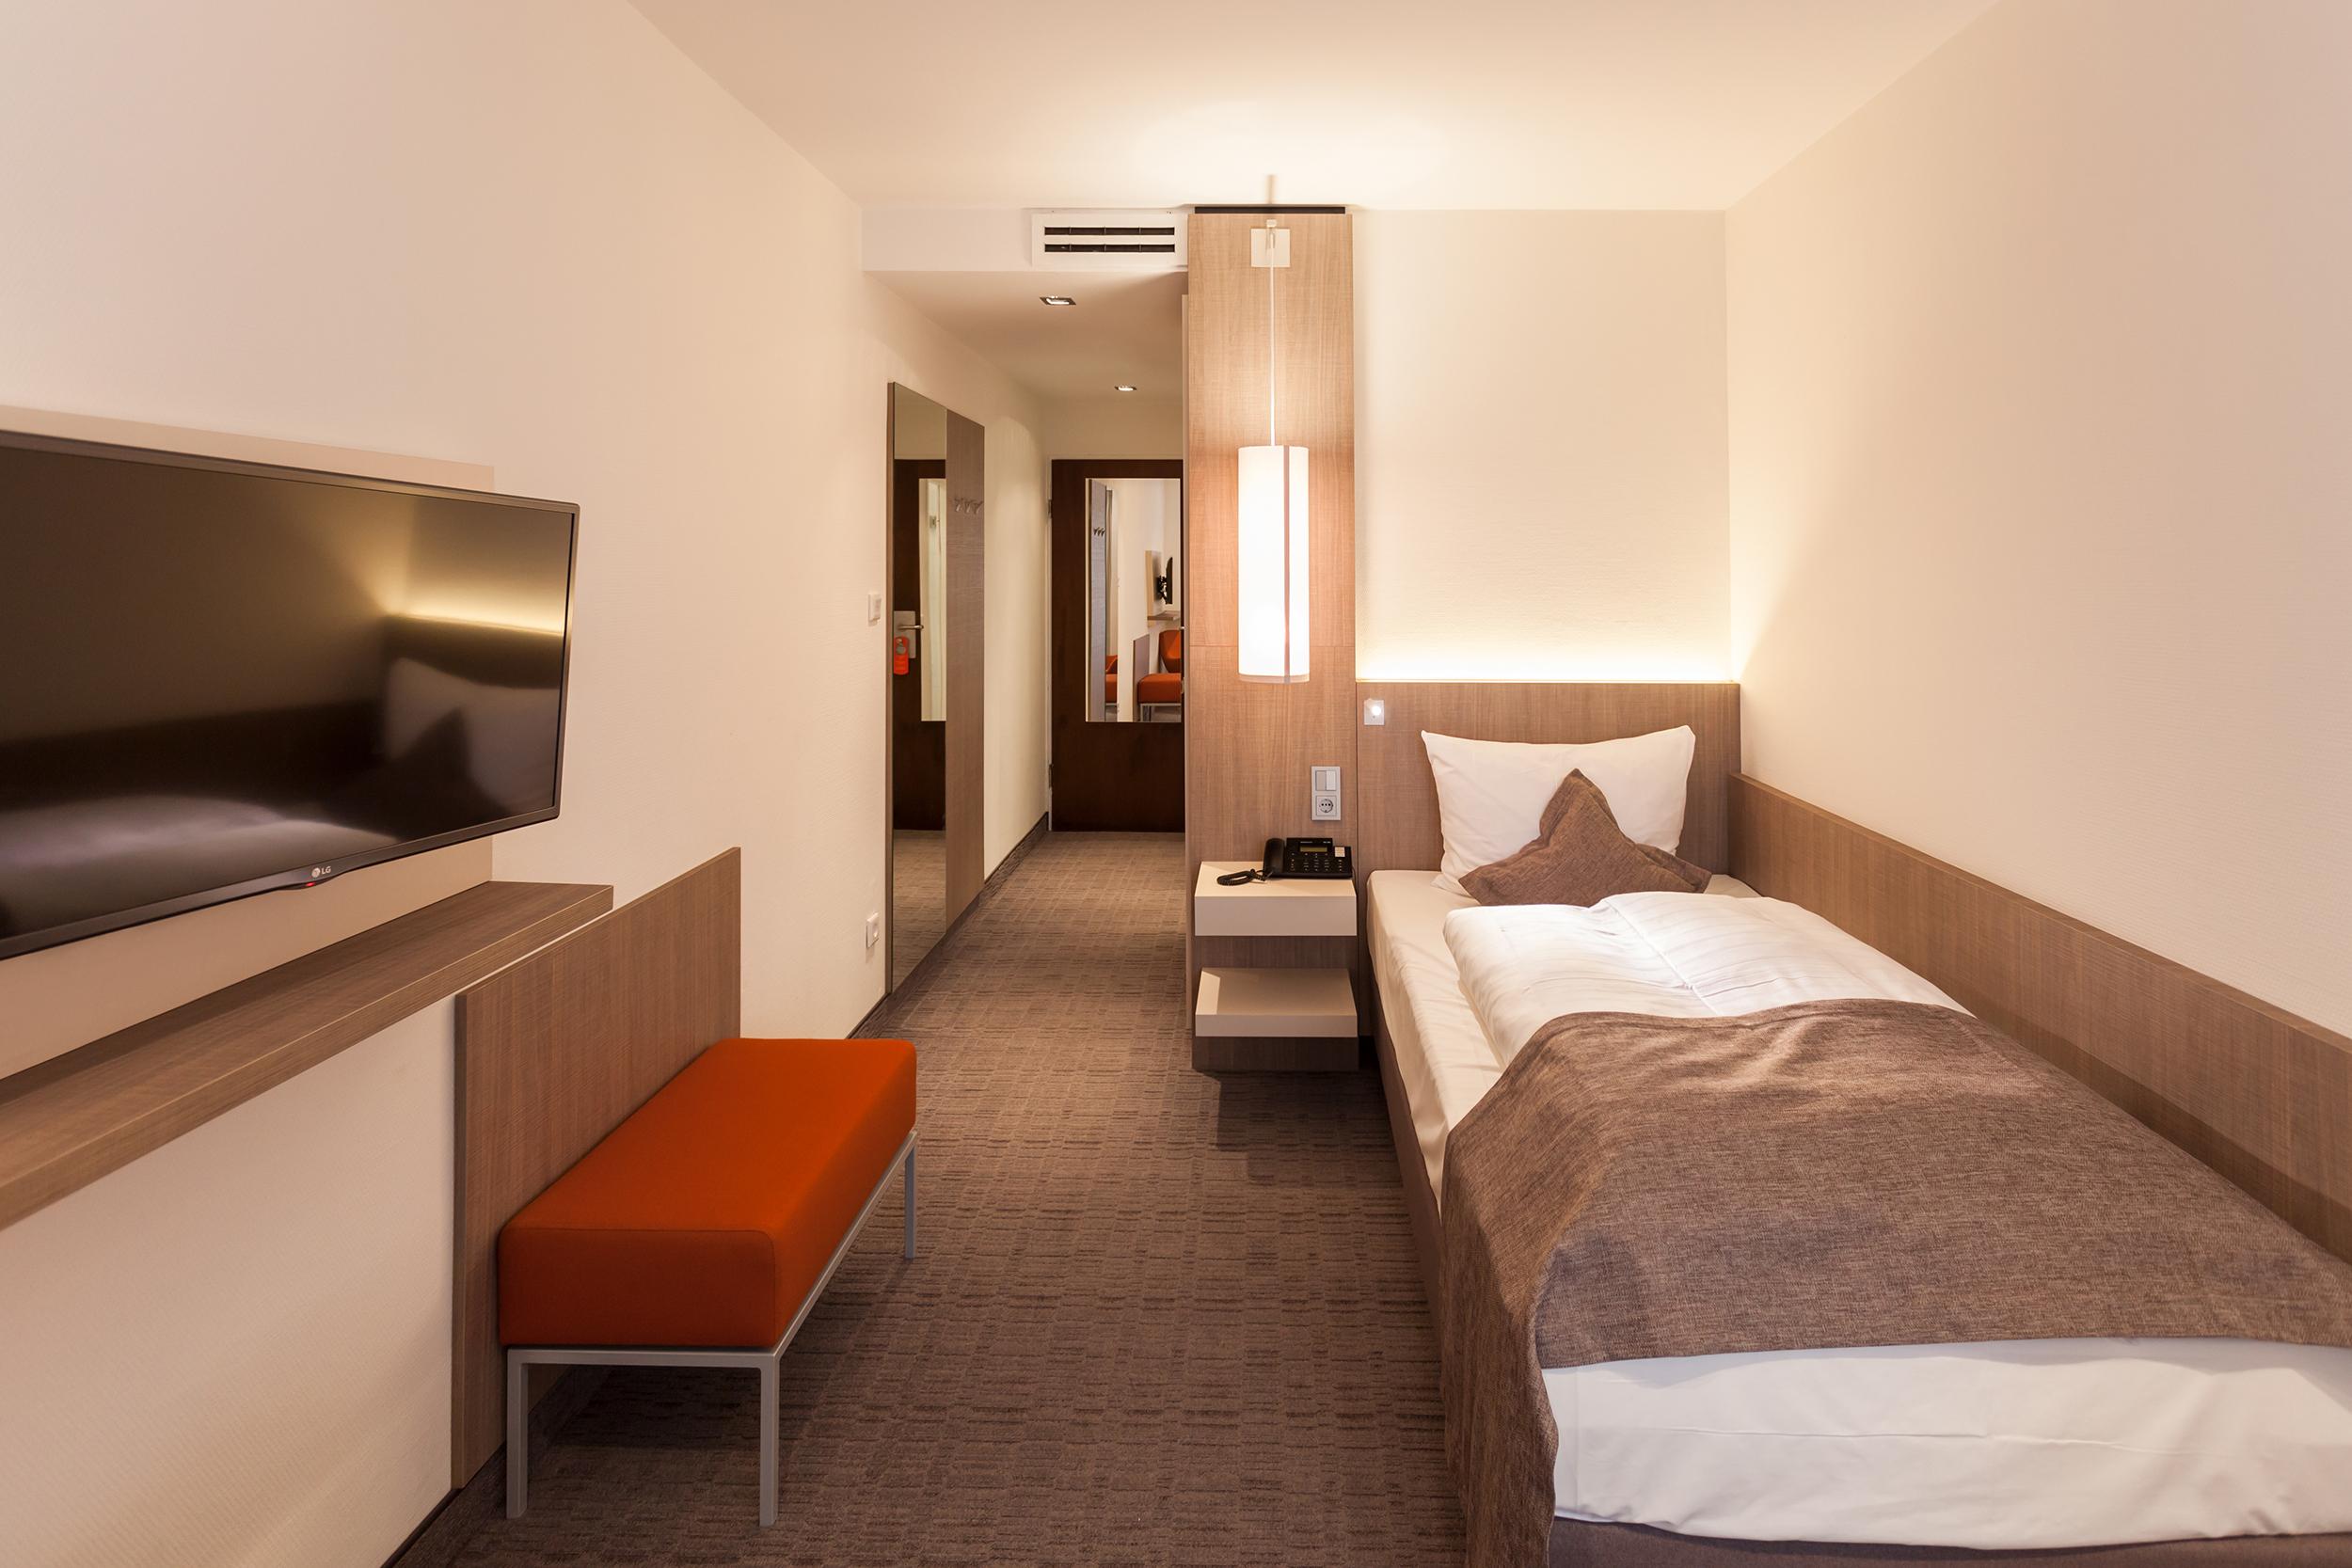 Centro Royal Hotel Koln